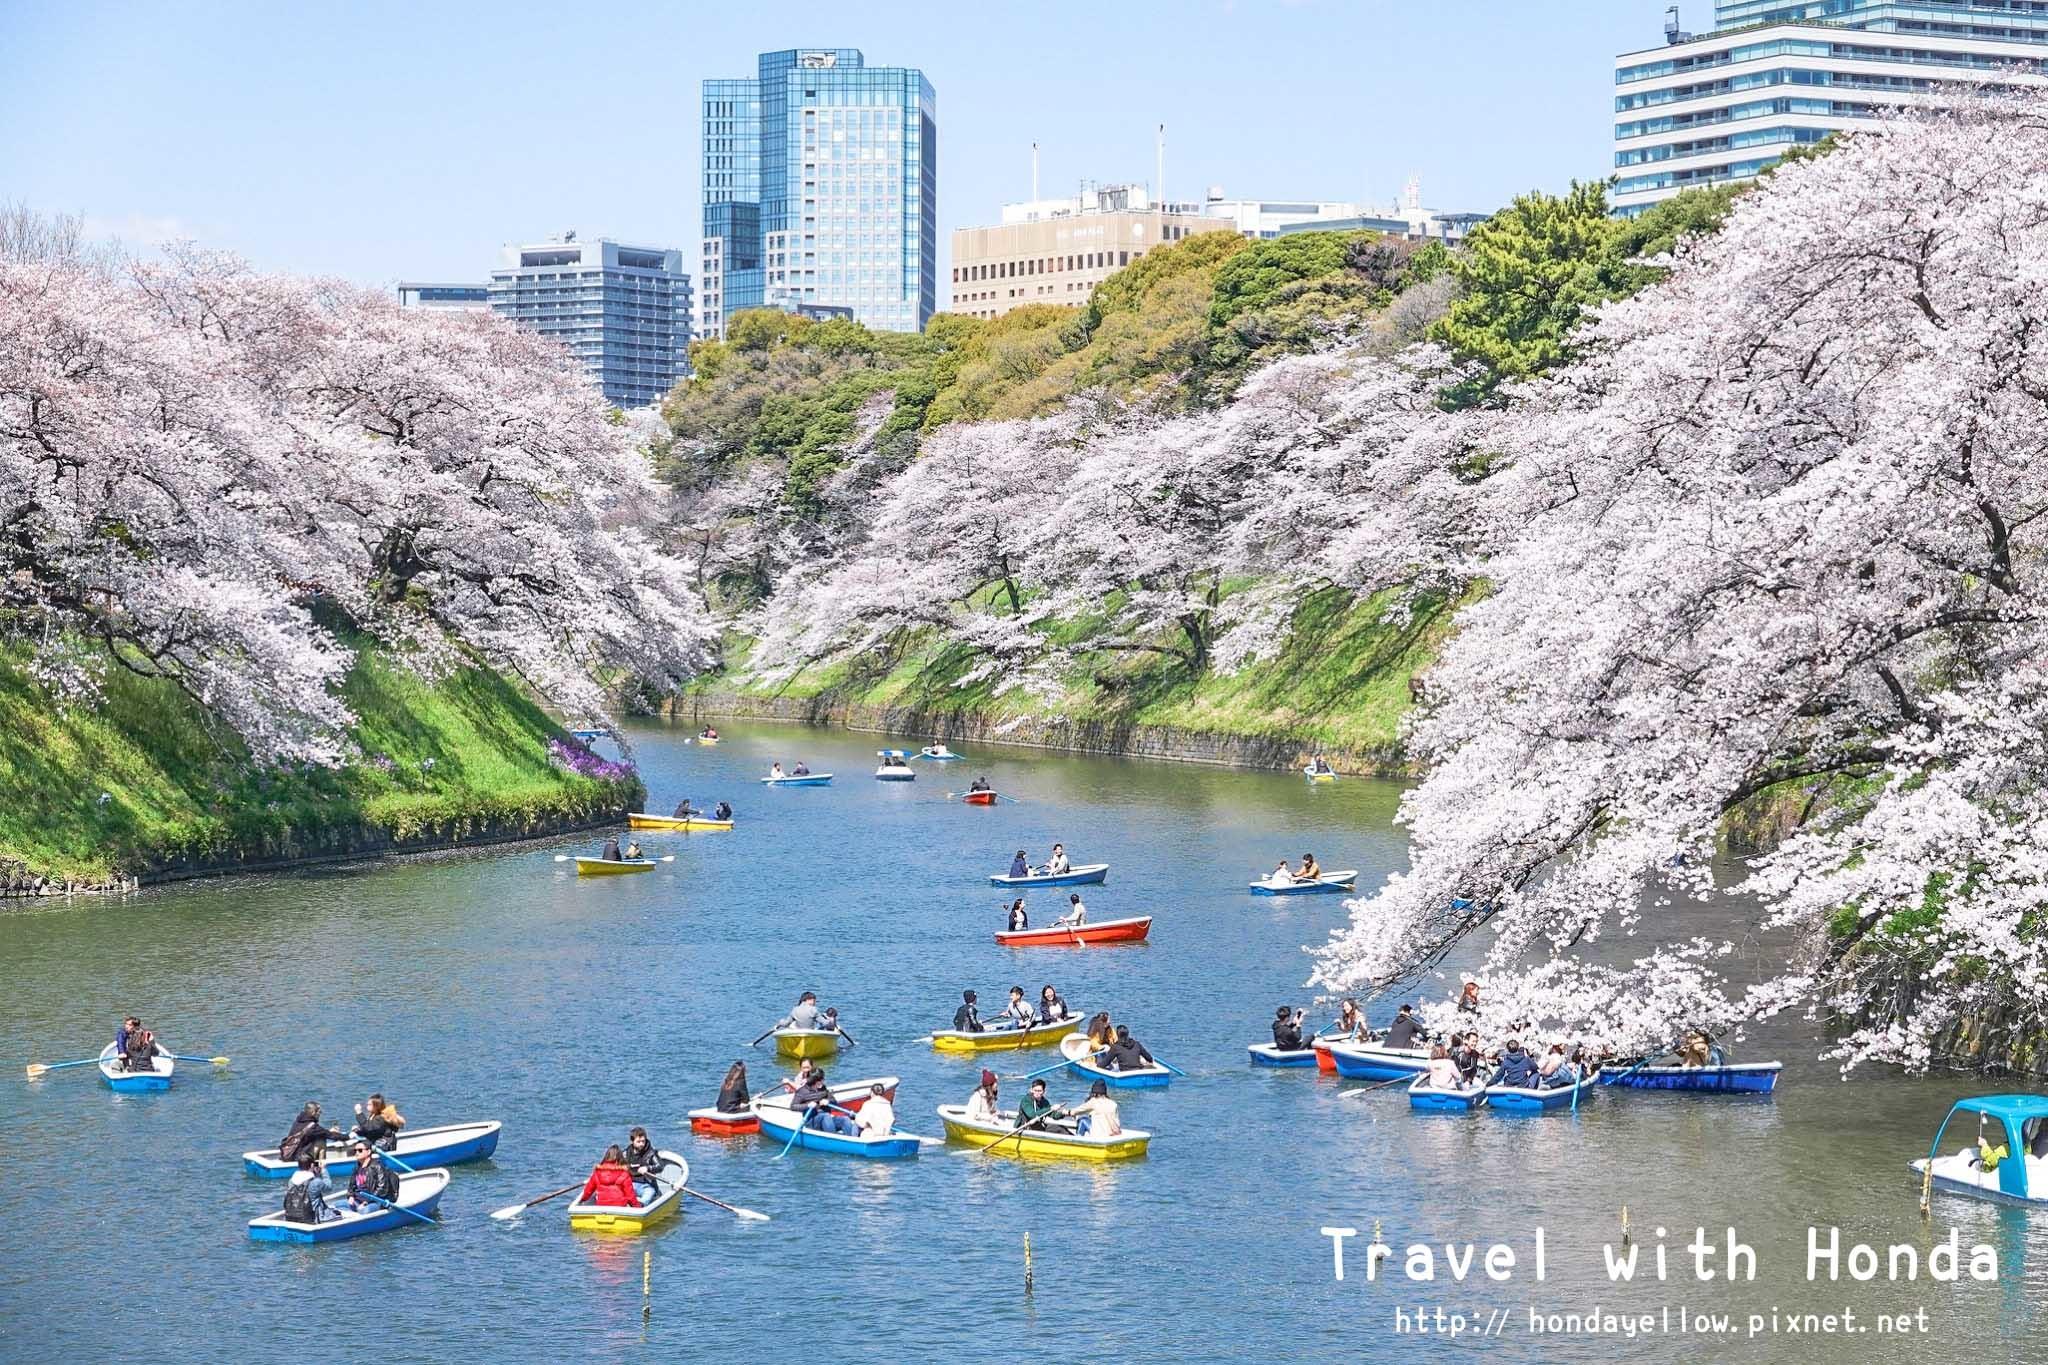 日本-你絕對會愛上的12個東京賞櫻景點-千鳥之淵.jpg